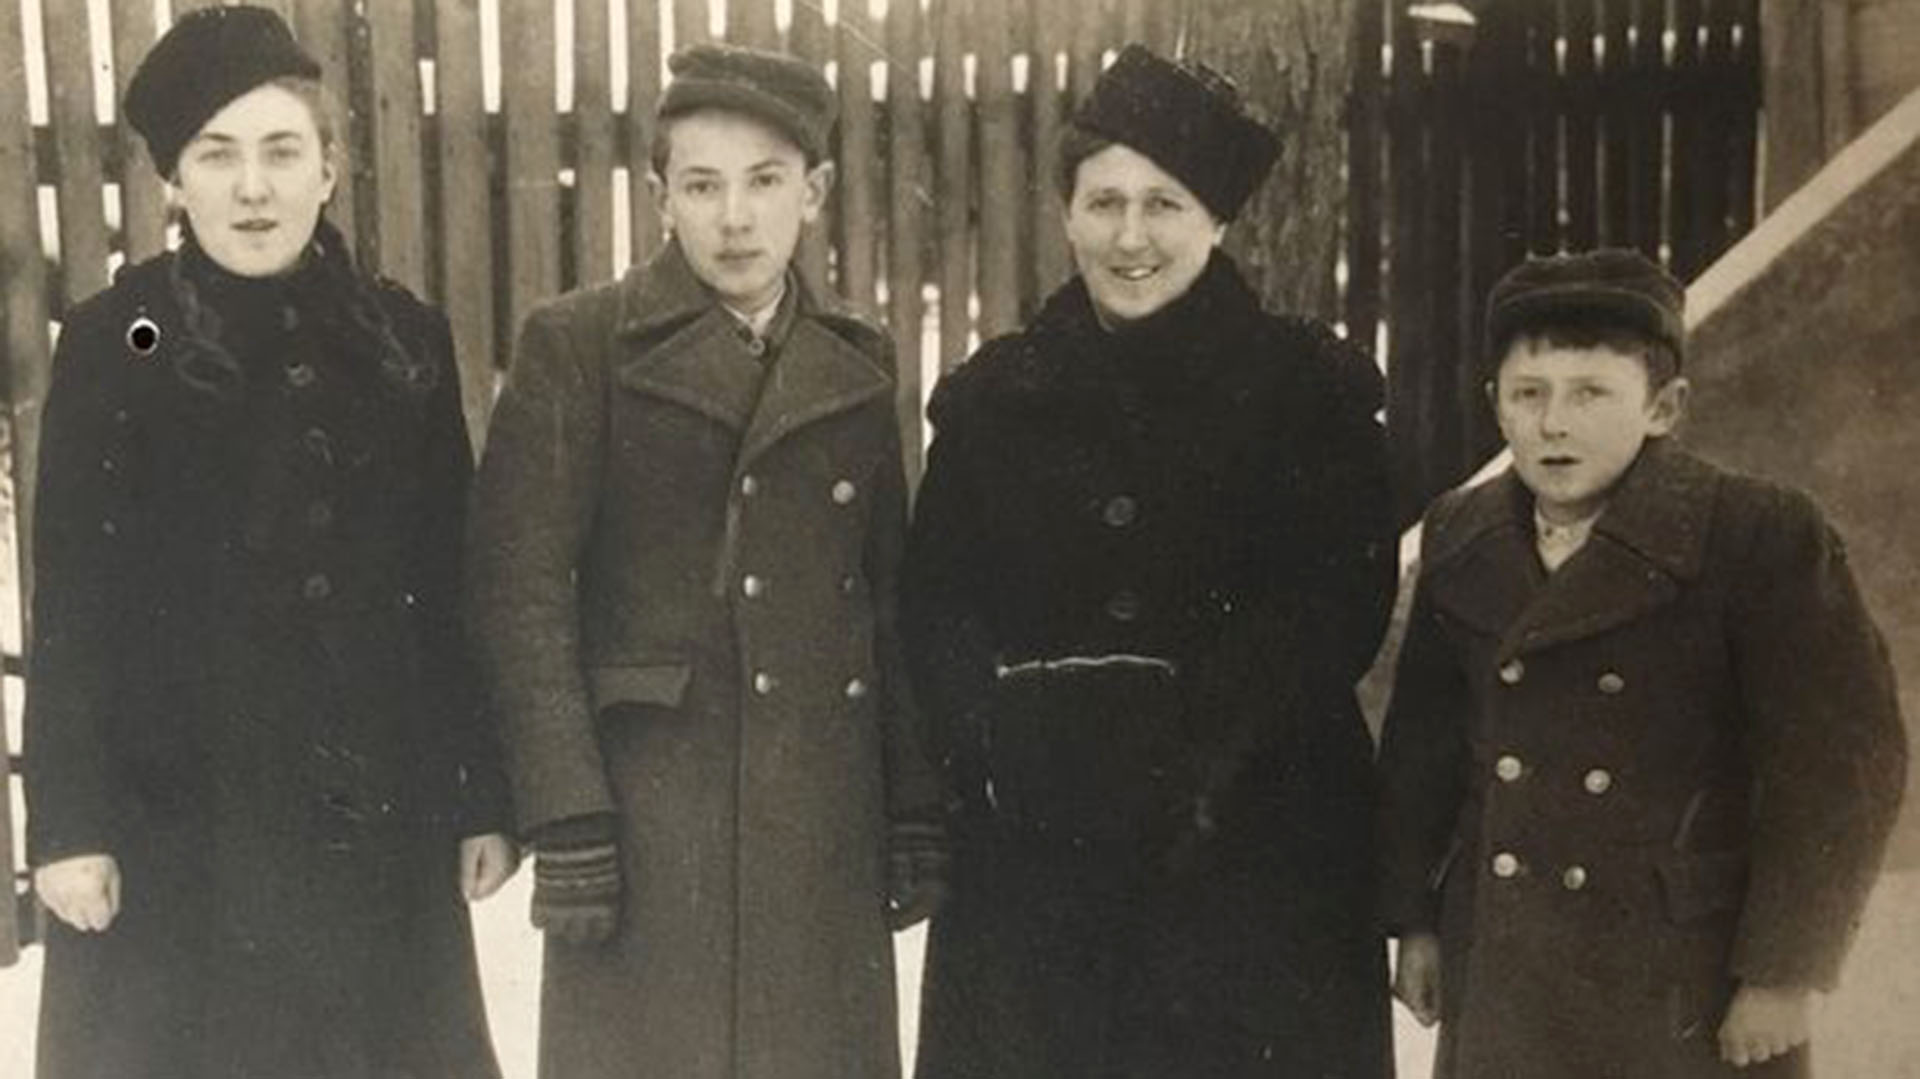 Mania, Dunia, Etcia y Marek en un crudo invierno de 1949